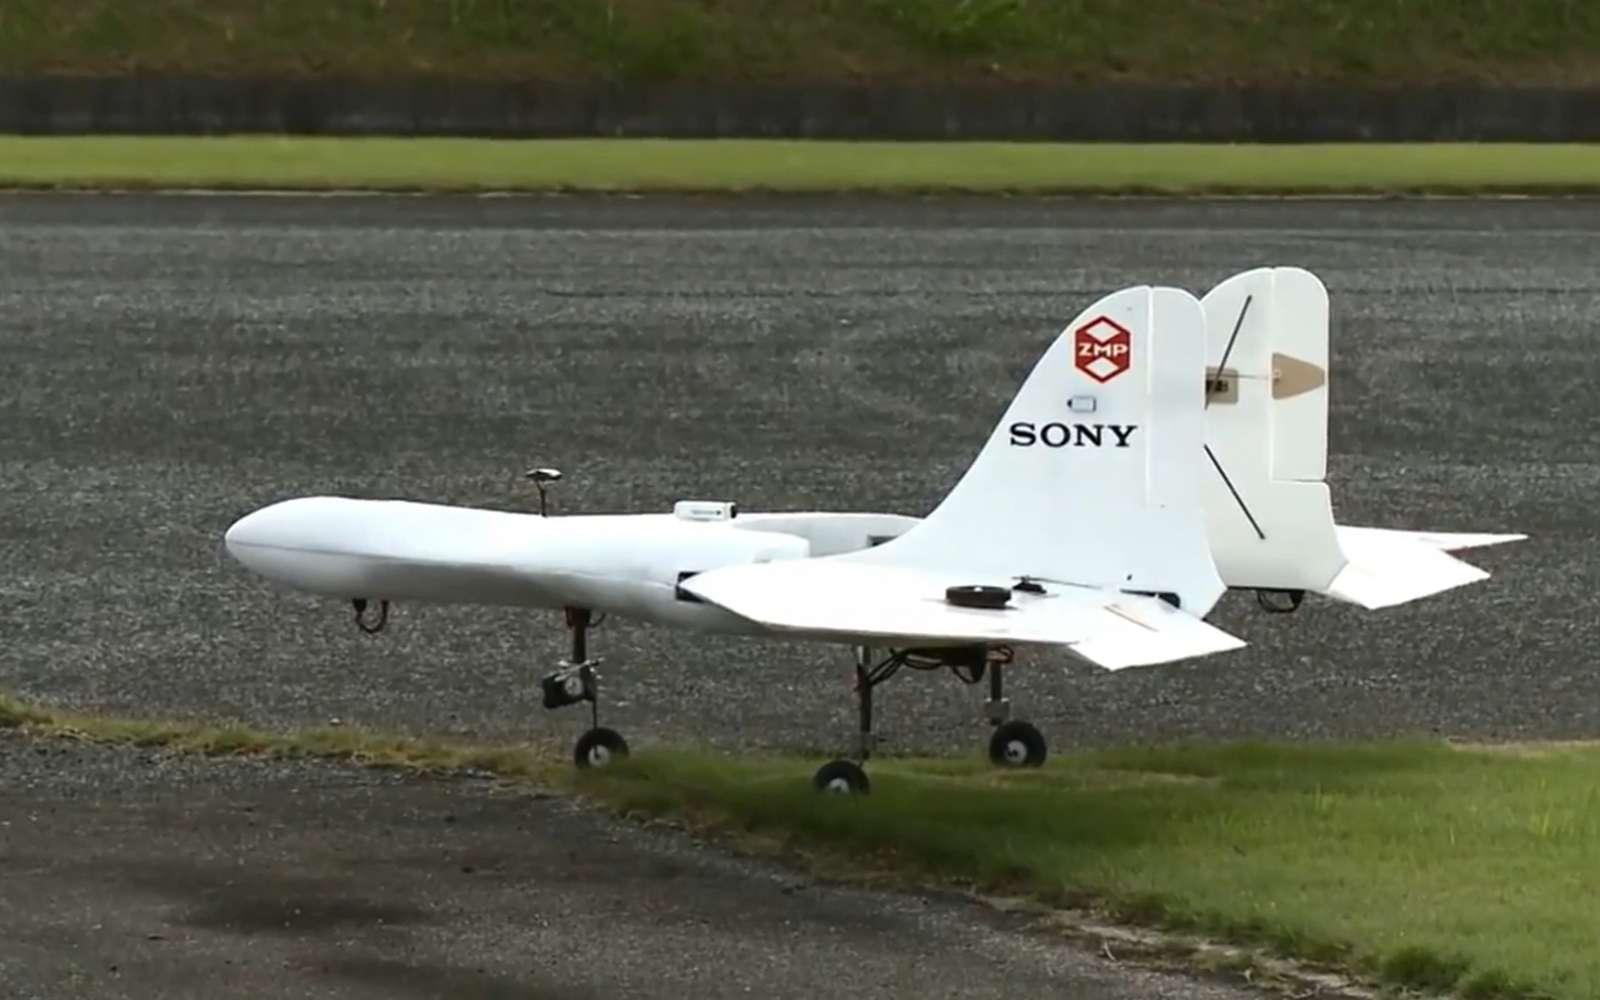 Le marché des drones grand public est essentiellement détenu par deux grosses marque, DJI et Parrot. Sony compte se lancer à son compte sur ce secteur. Il dispose déjà de drones dédiés au marché de l'entreprise avec sa marque Aerosense. © Aerosense Sony